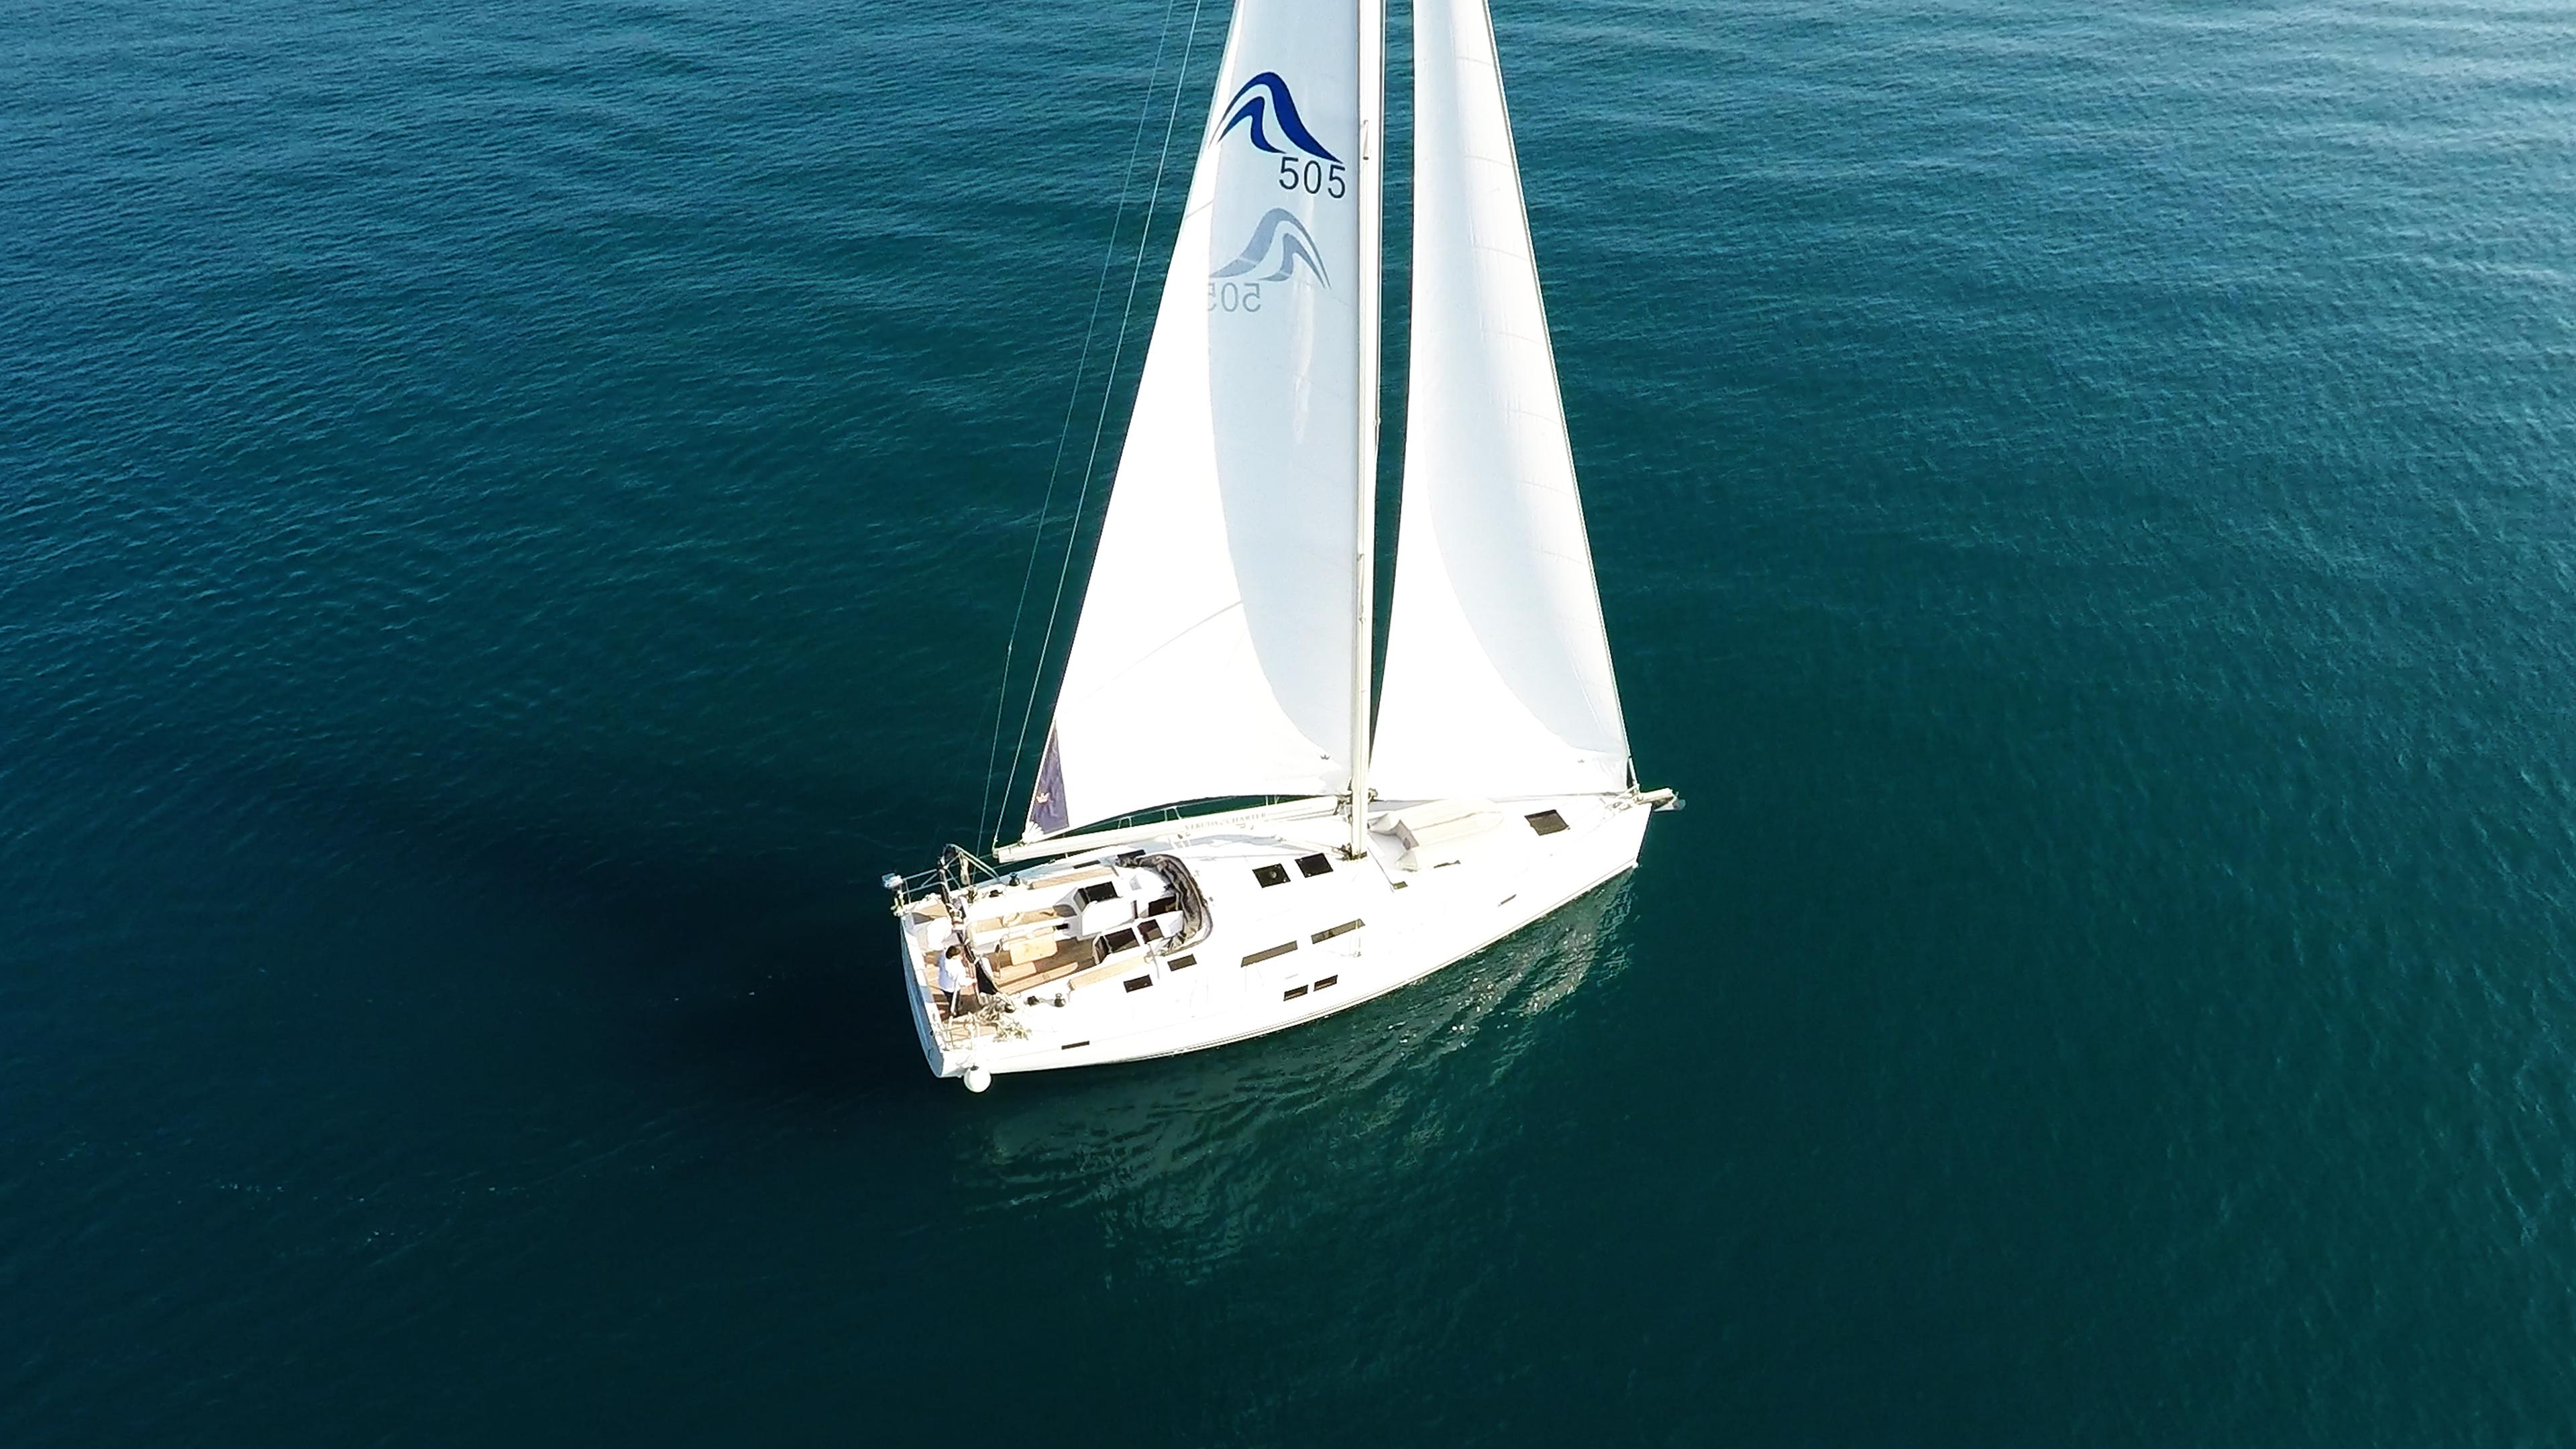 barcha a vela Hanse 505 yacht a vela 2